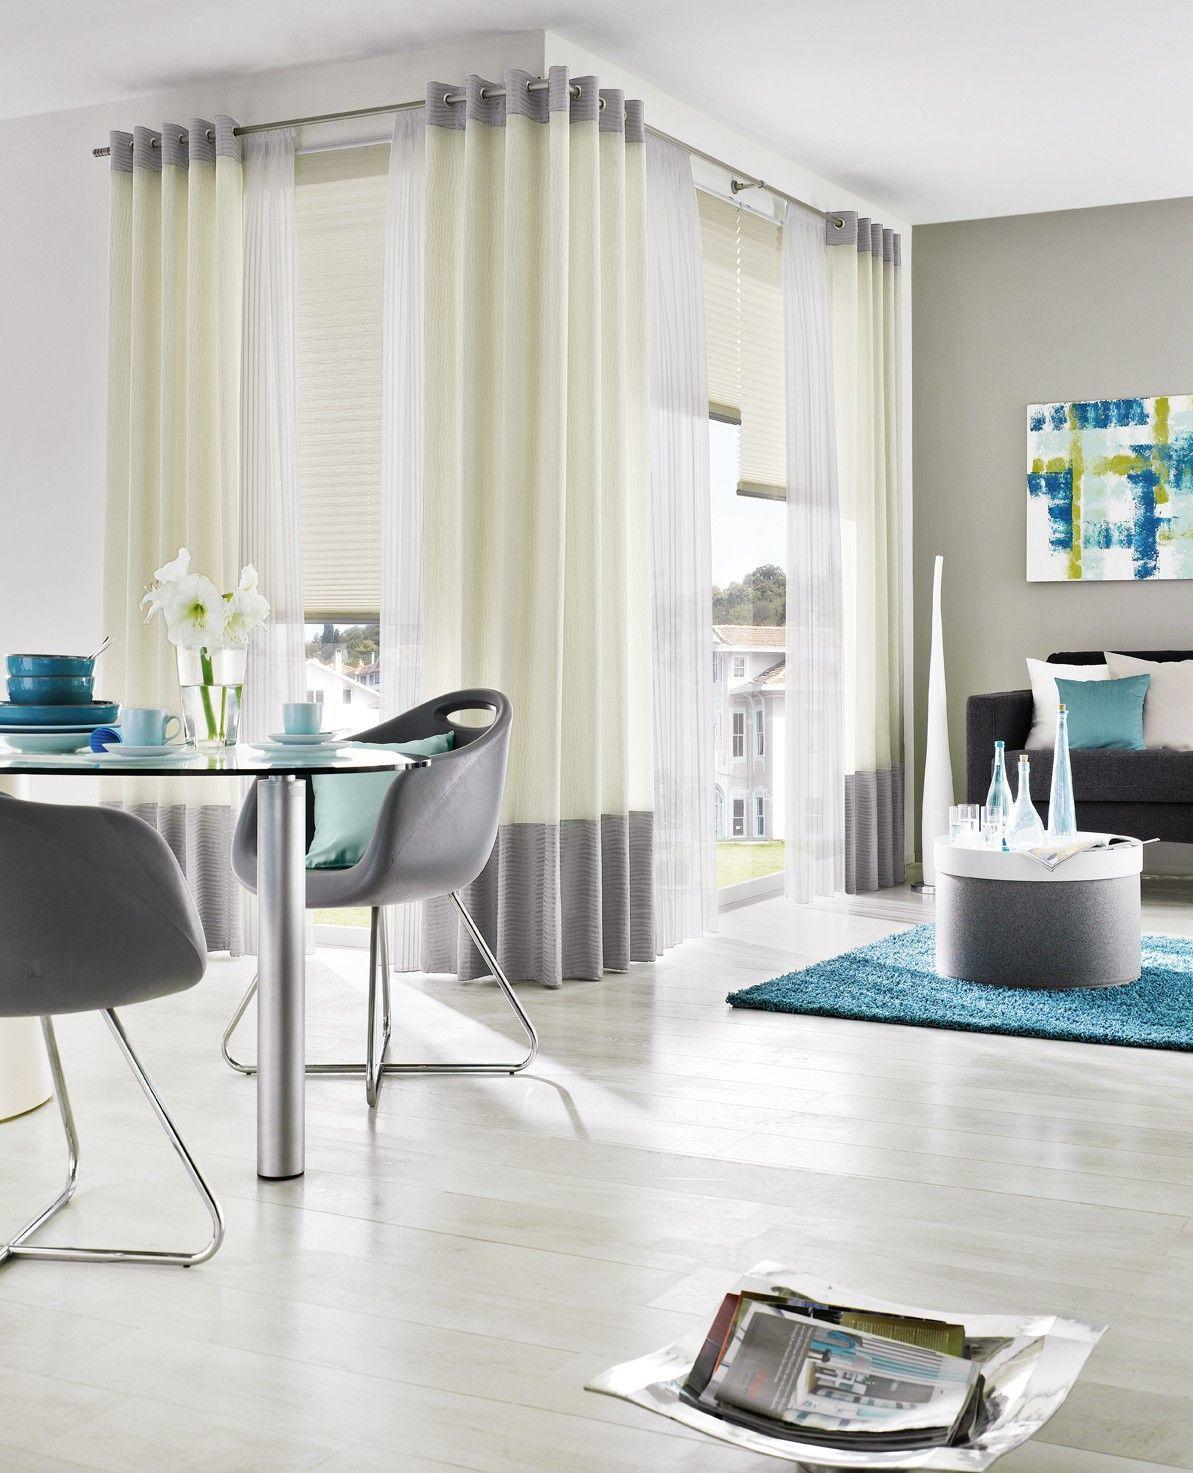 Fenster Kaori Gardinen Dekostoffe Vorhang Wohnstoffe Plissees